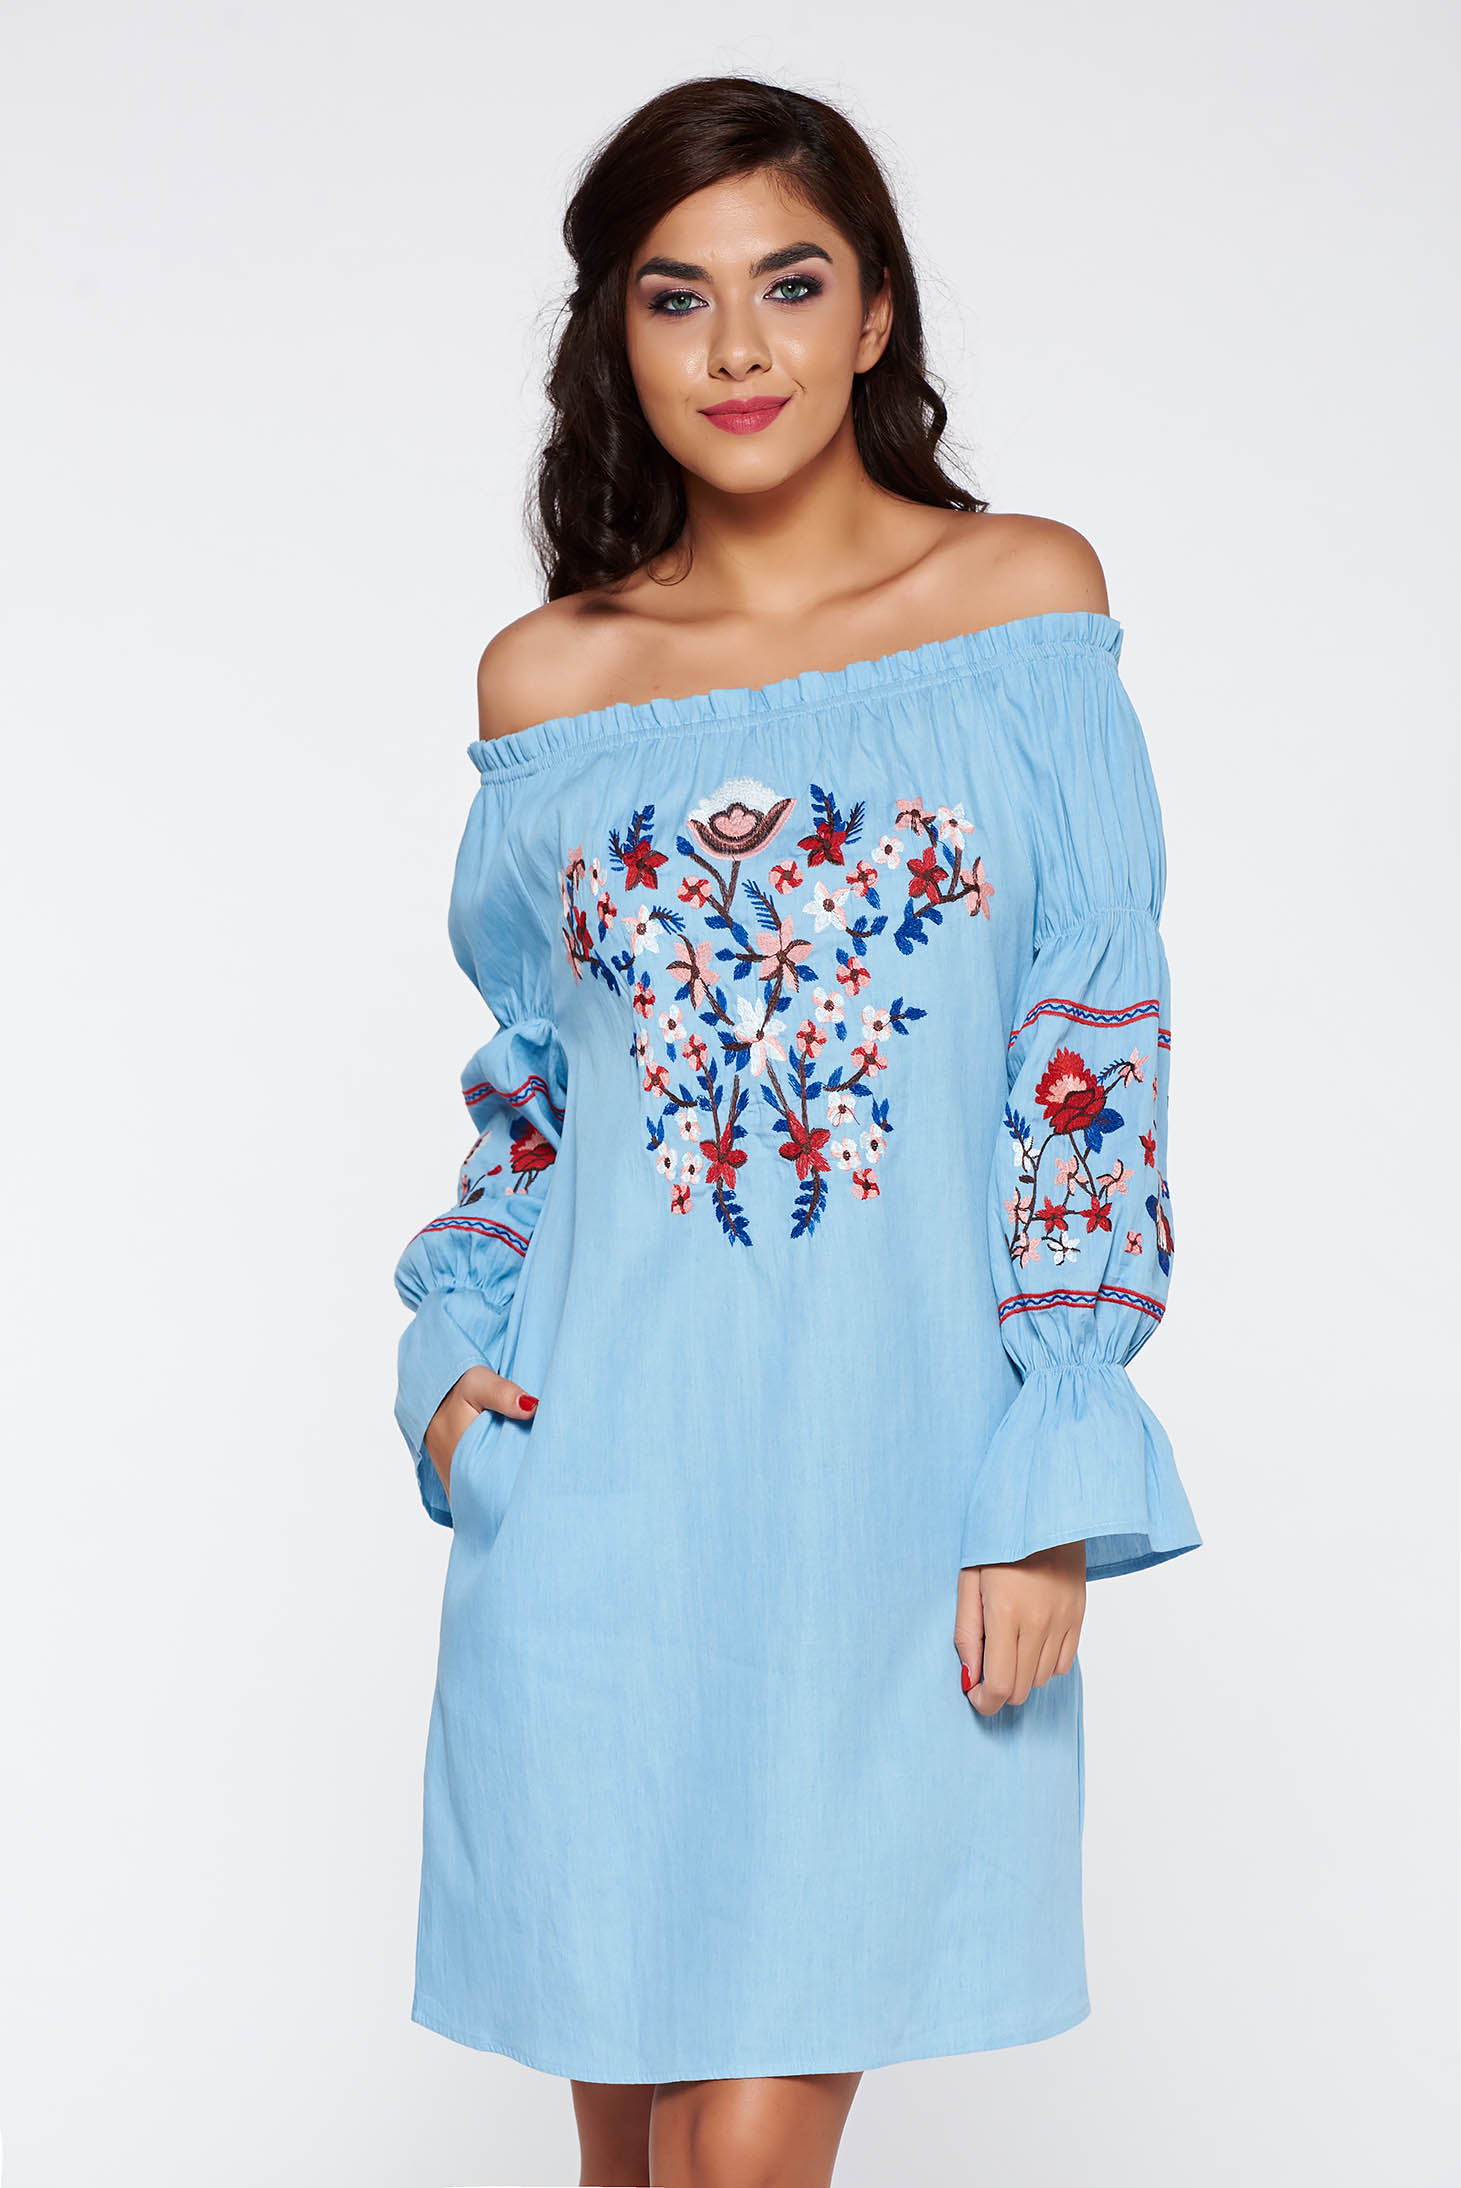 06a70aee9e Kék casual hosszú ujjú váll nélküli ruha pamutból készült hímzett